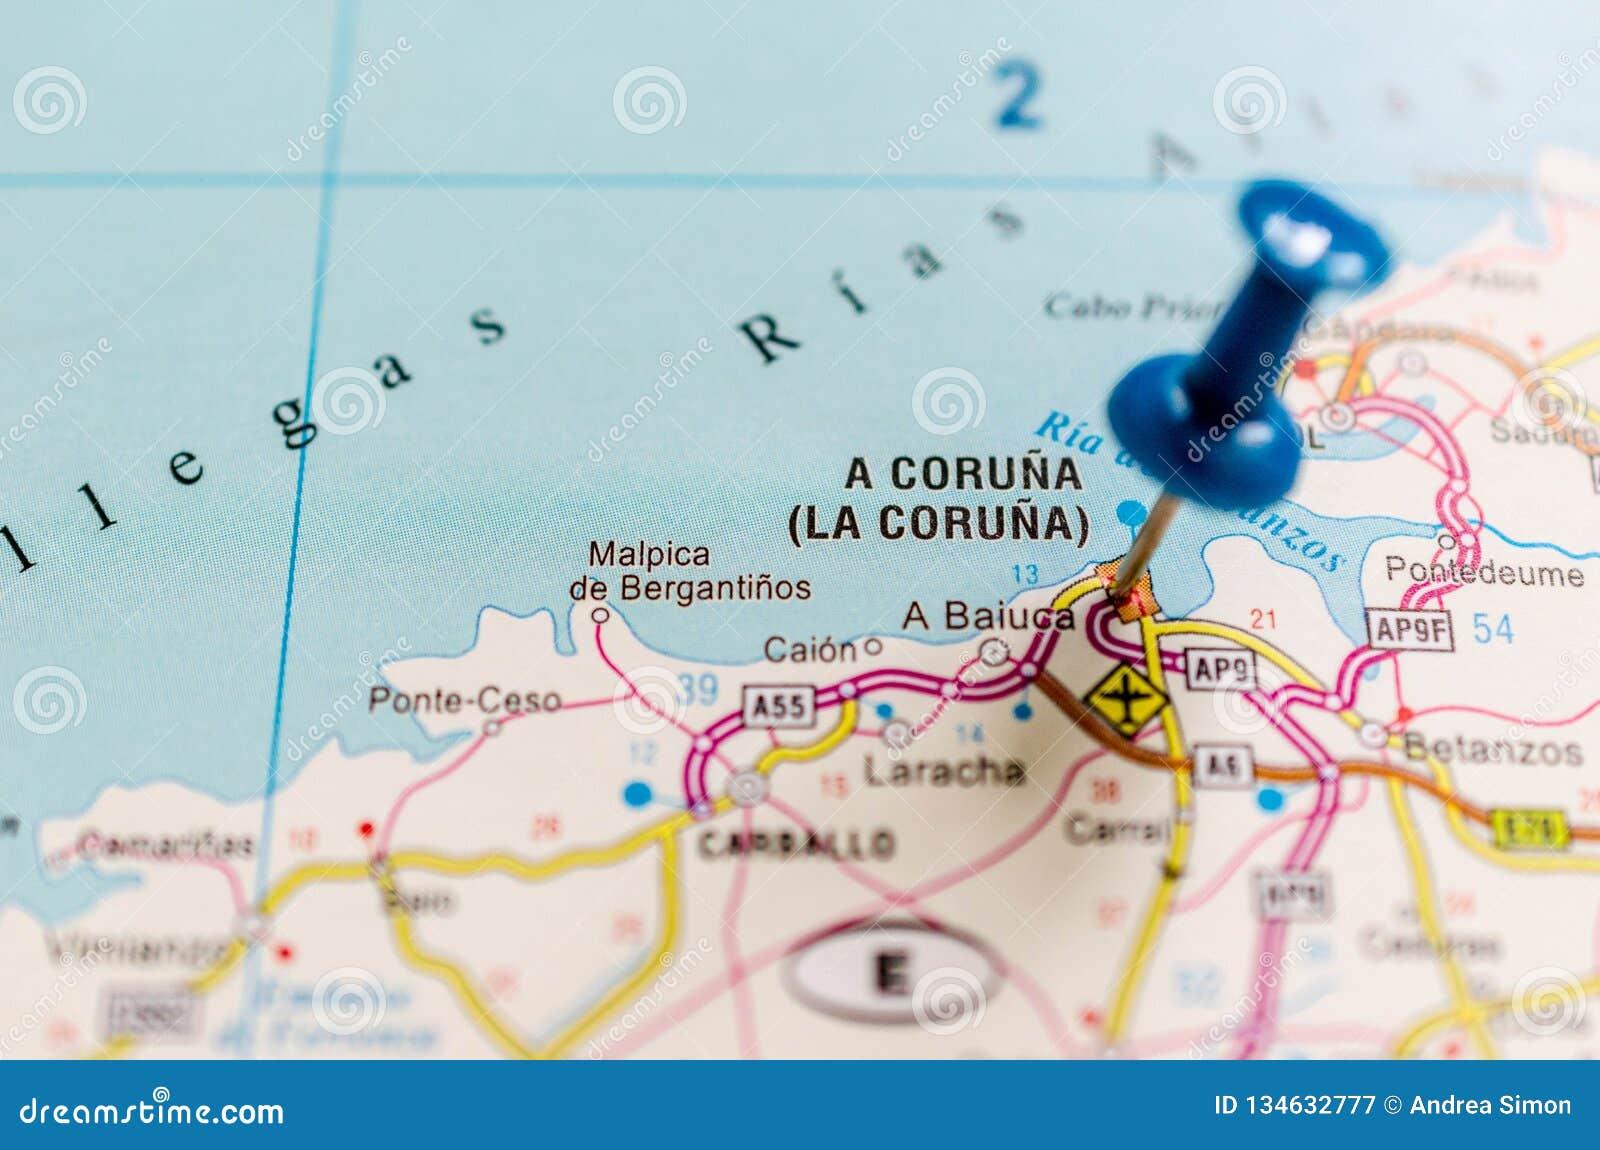 Map Of Spain La Coruna.A Coruna On Map Stock Image Image Of Corun Community 134632777